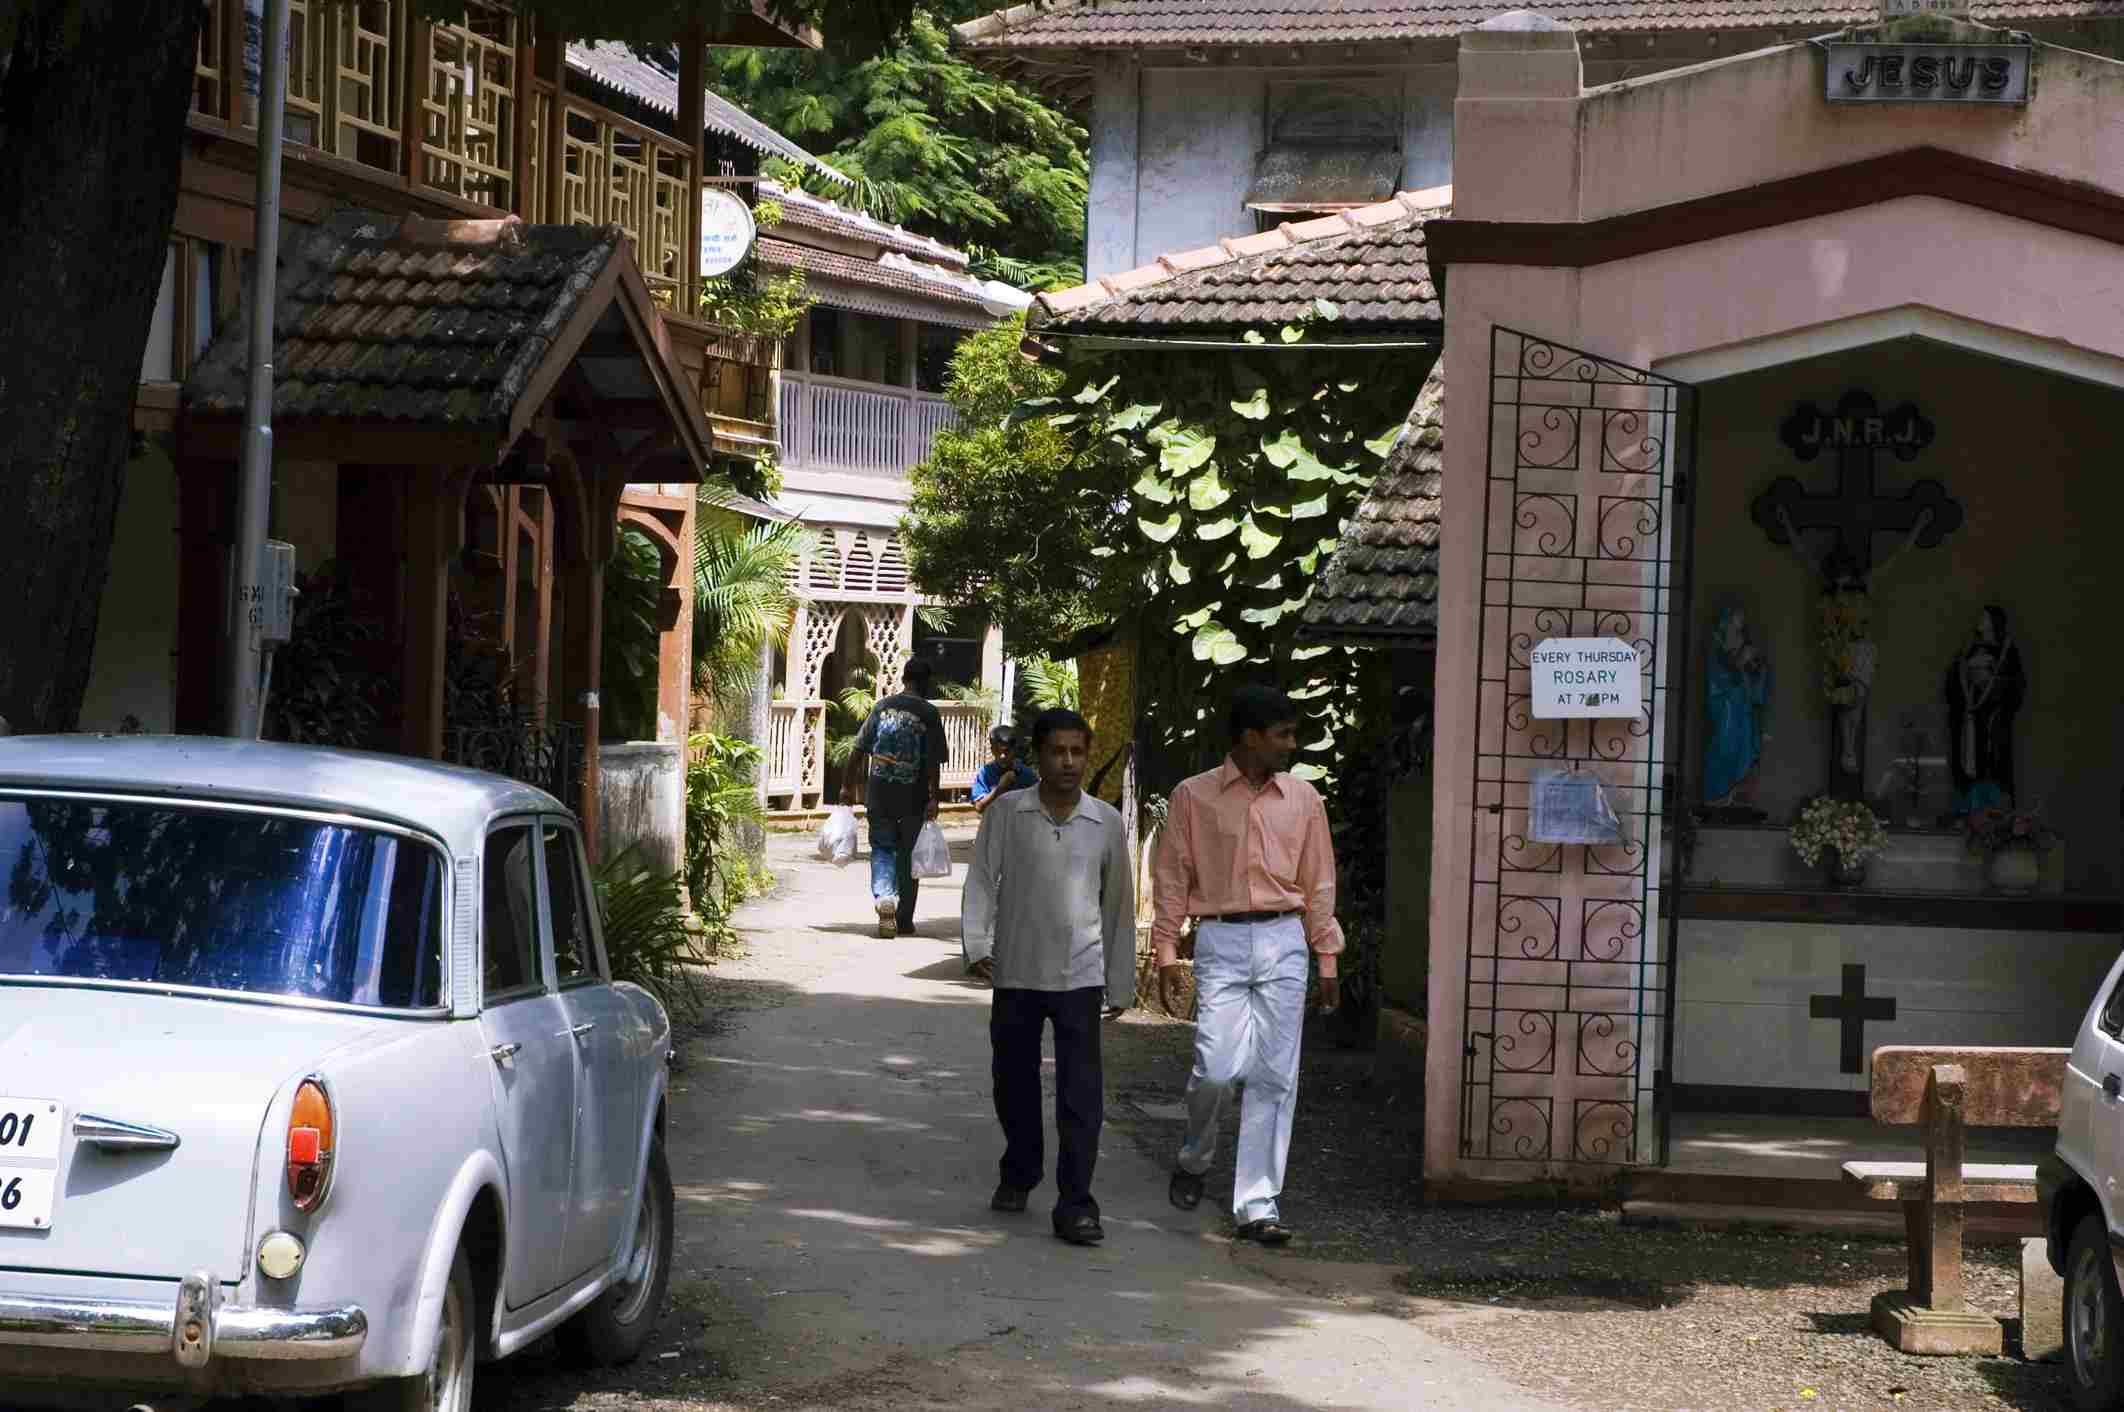 Kotachiwadi neighbourhood.